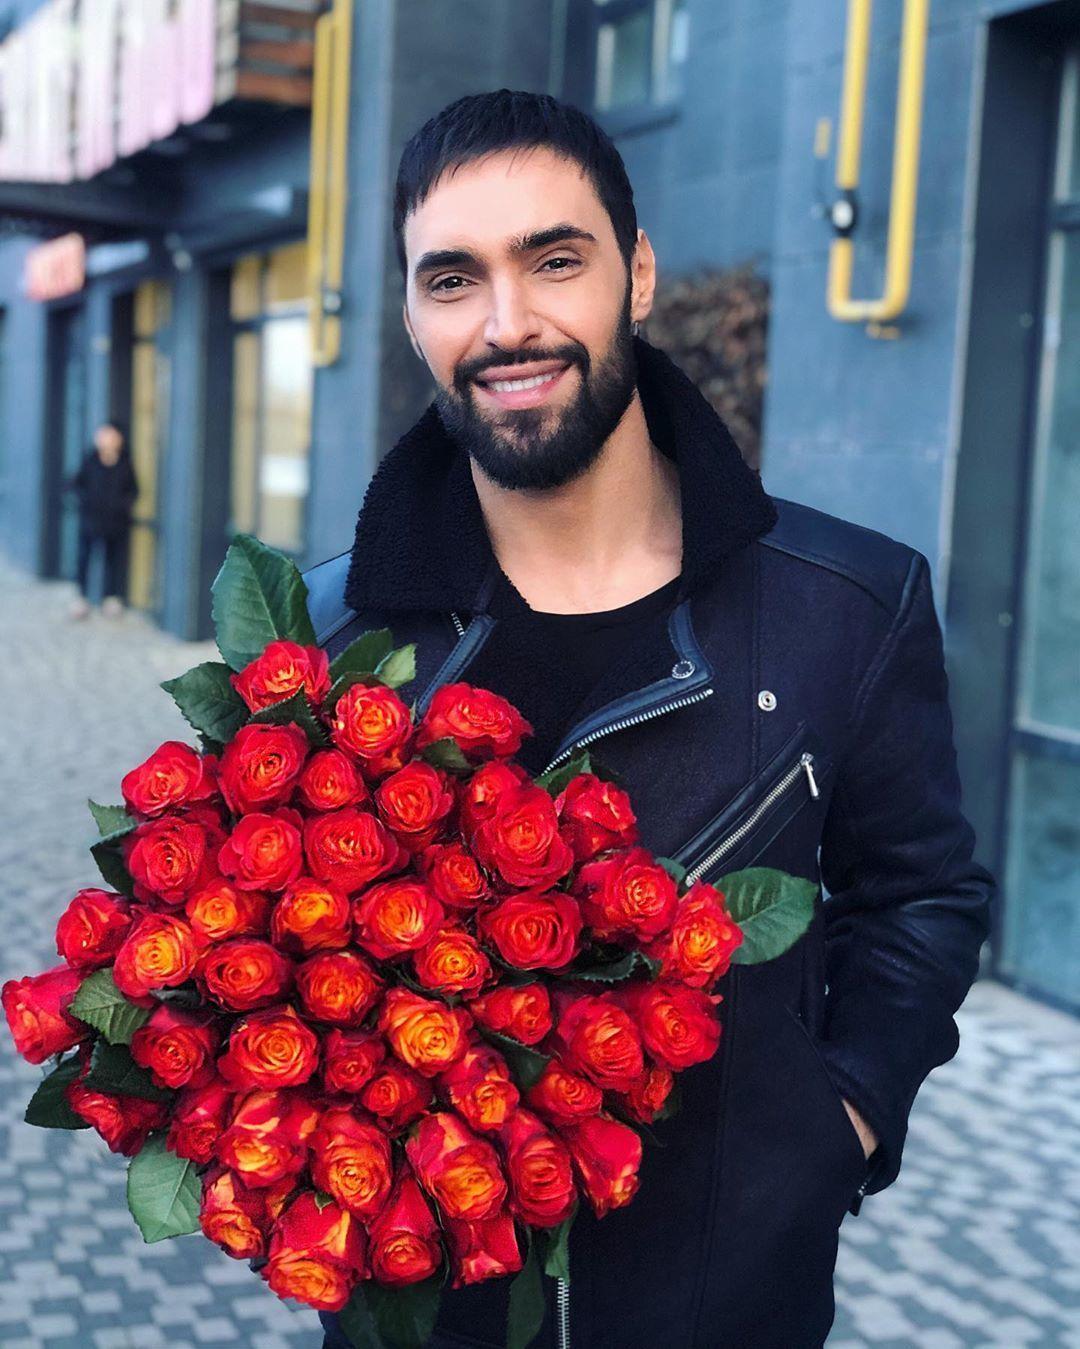 Вітання від чоловіків з 8 березня_1